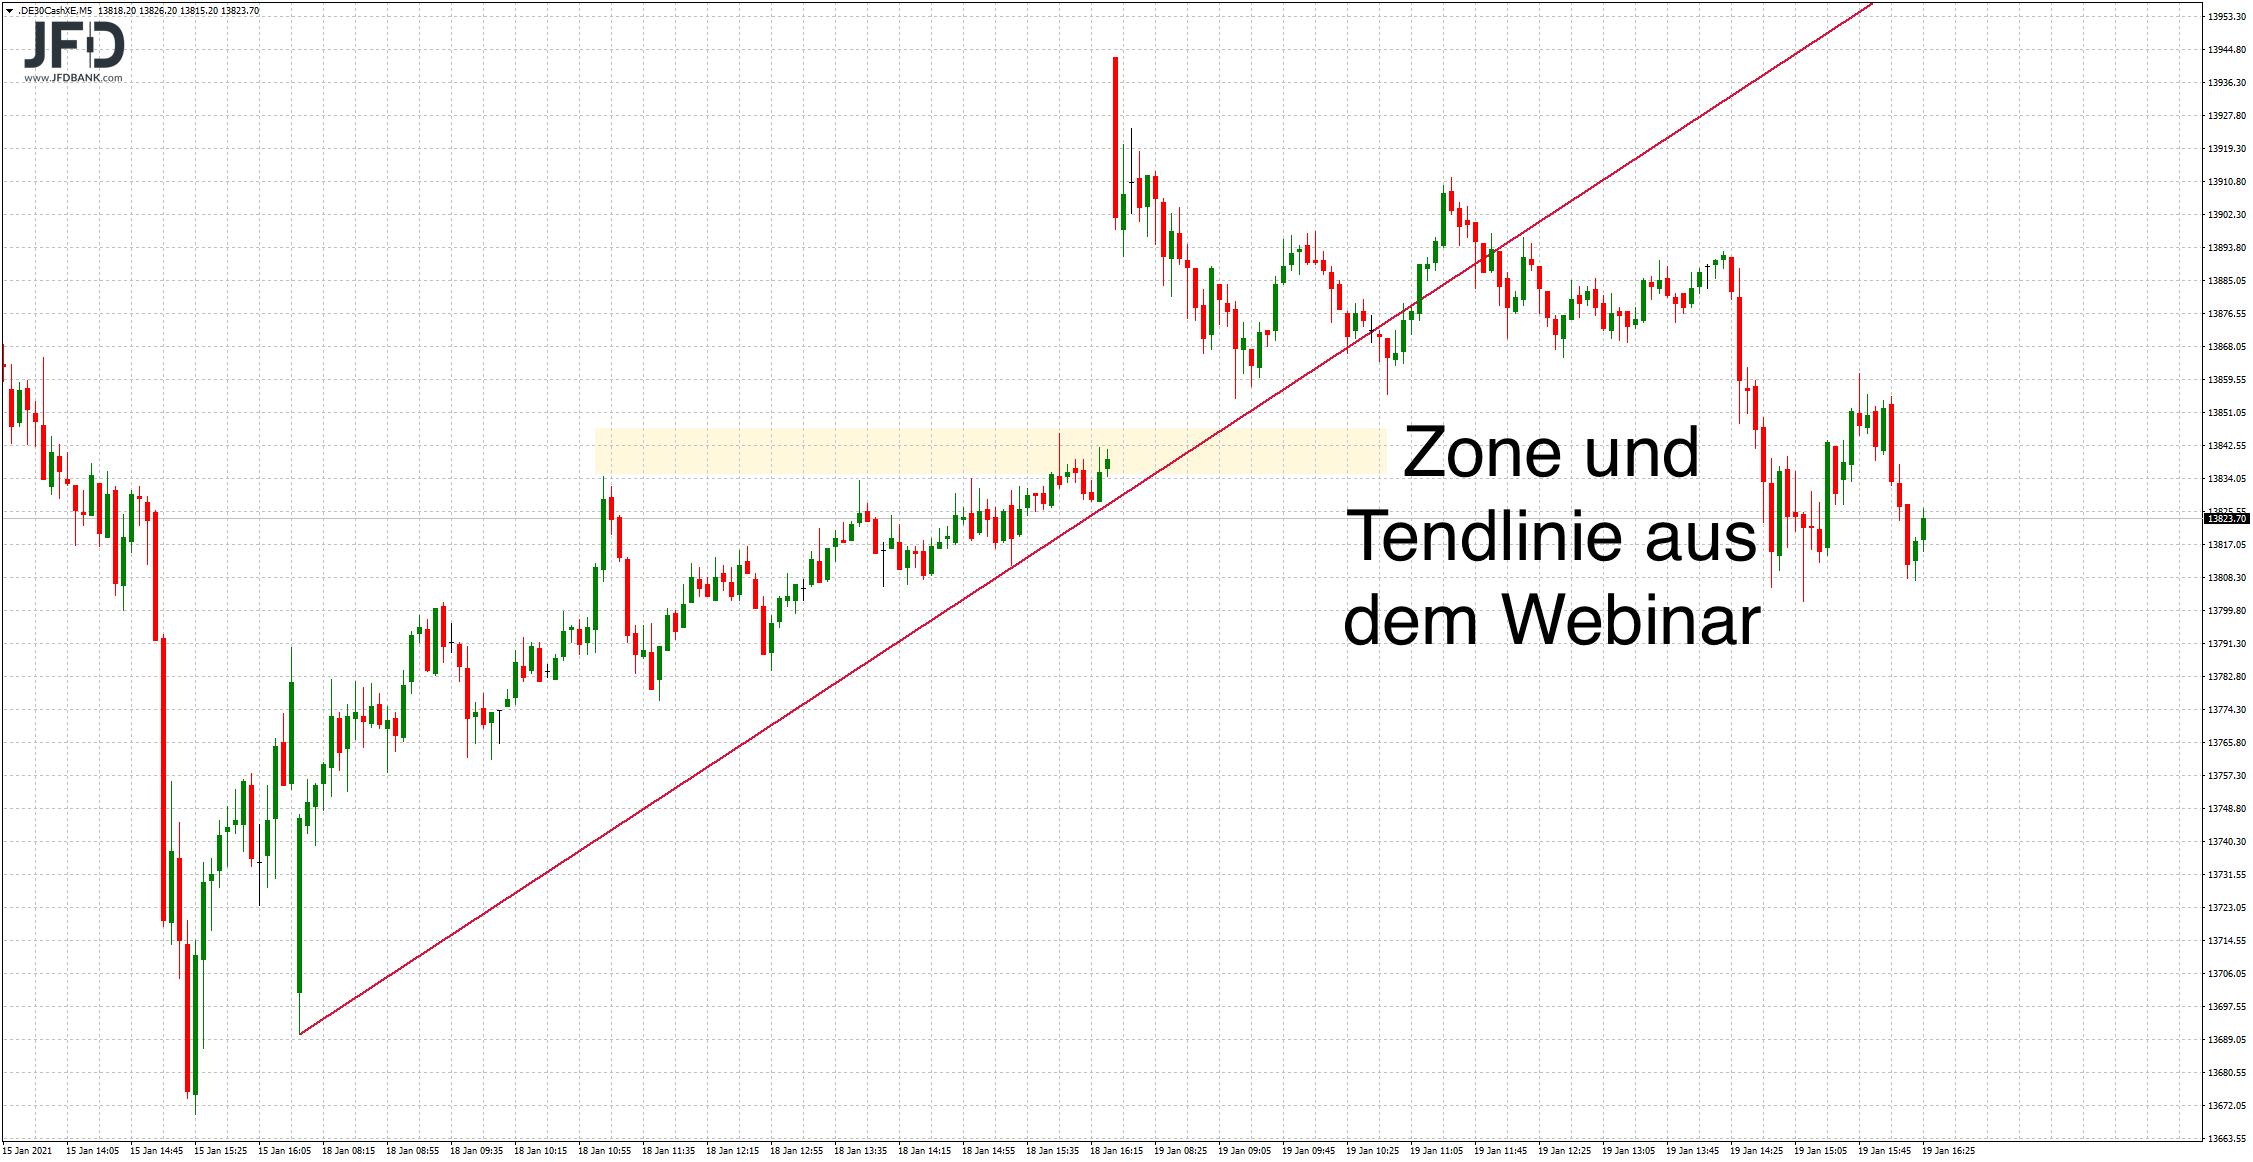 Das-Februarhoch-aus-2020-steht-im-Mittelpunkt-Kommentar-JFD-Bank-GodmodeTrader.de-2